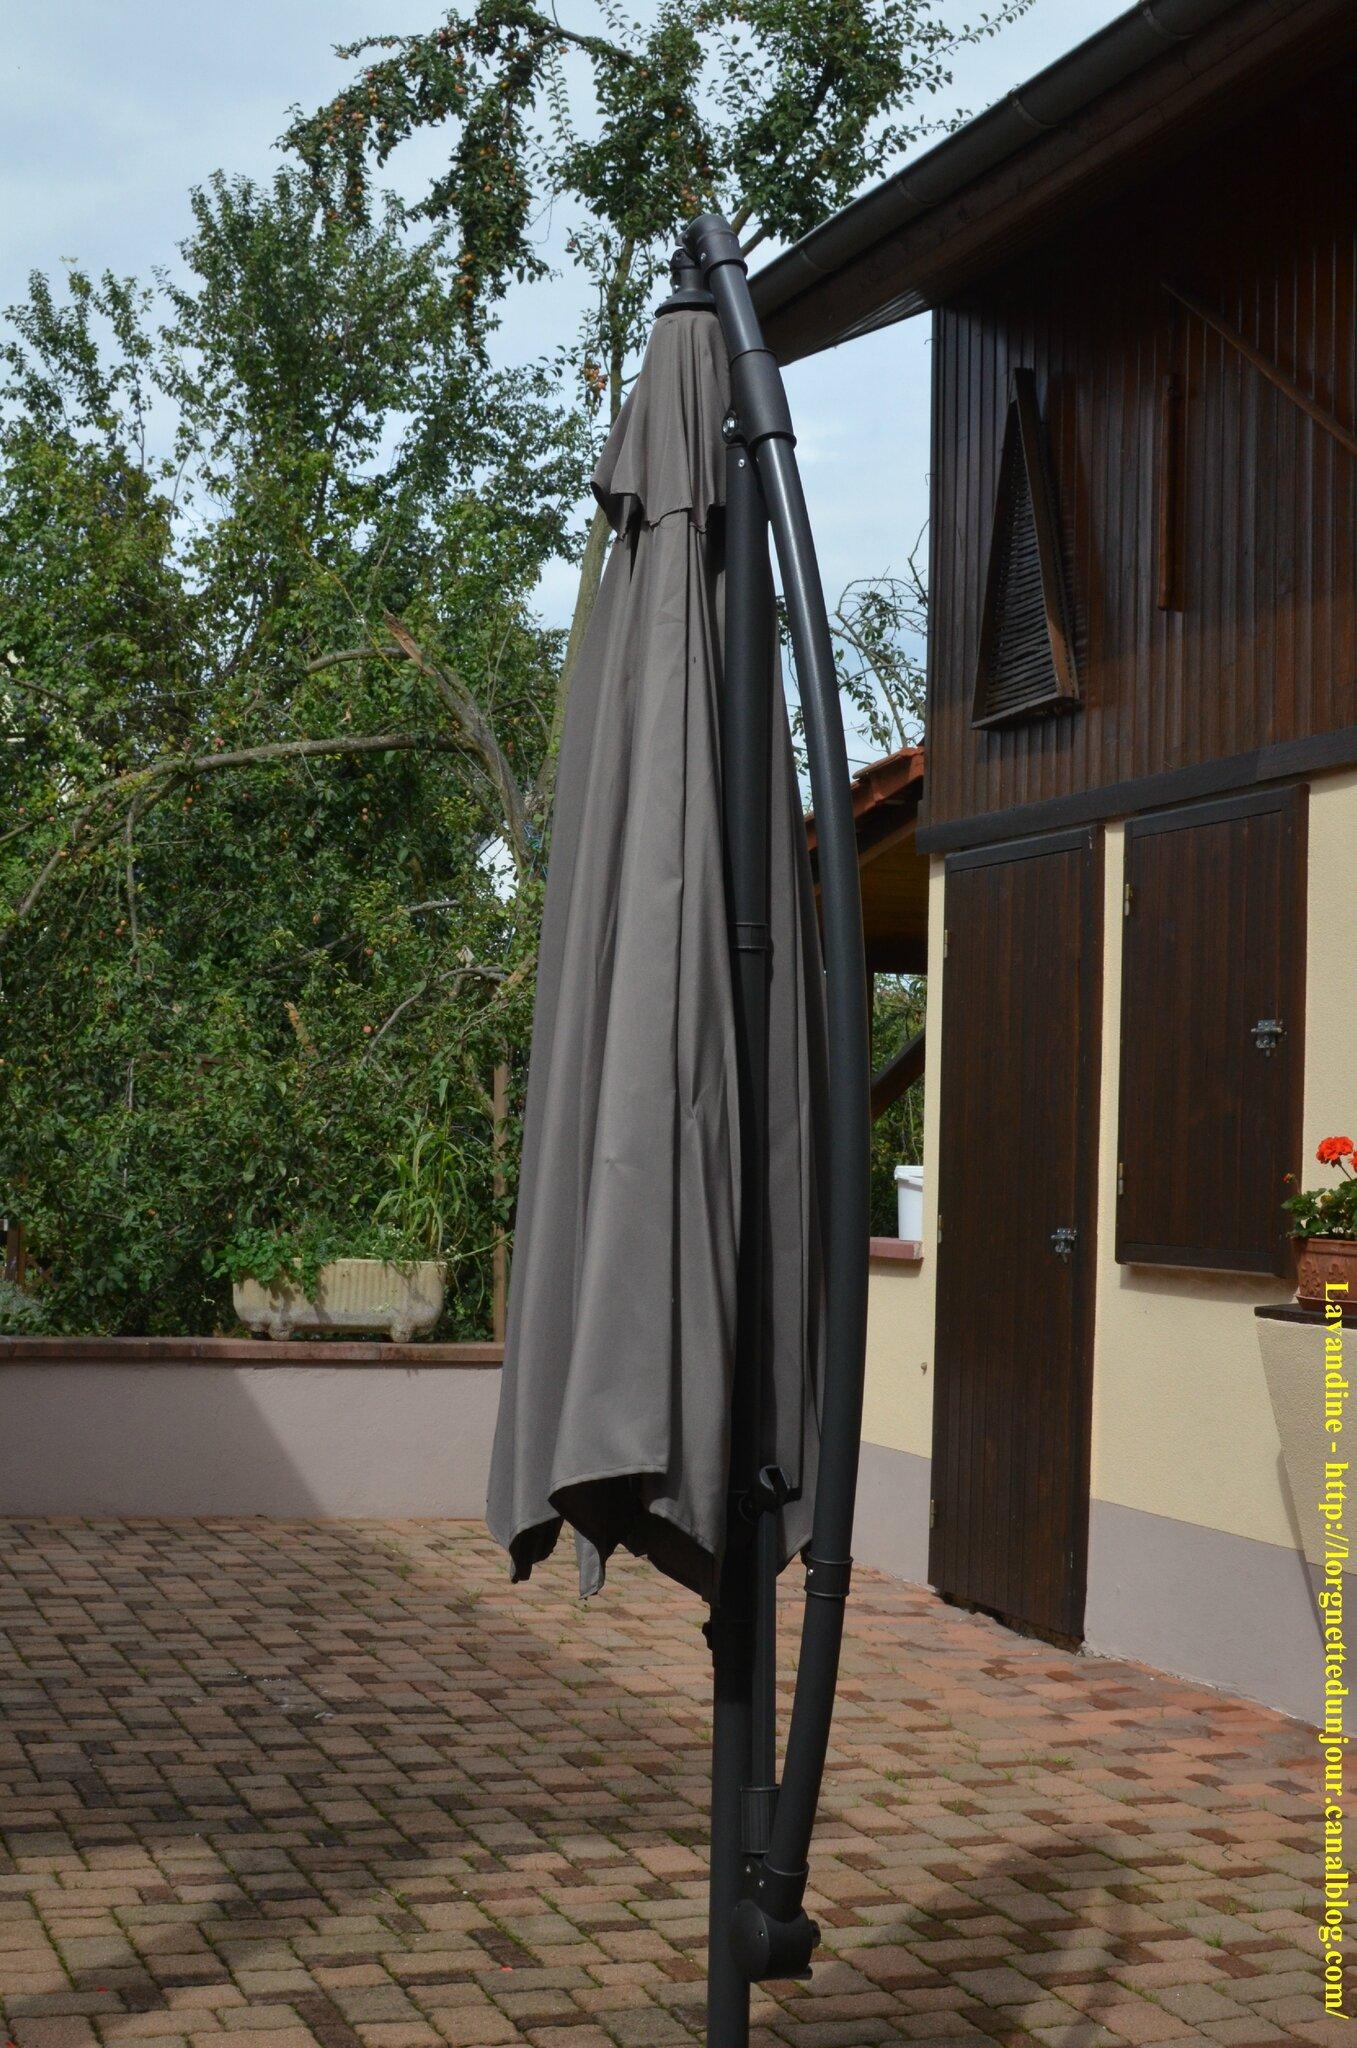 05/10/14 : Un parasol venu de loin